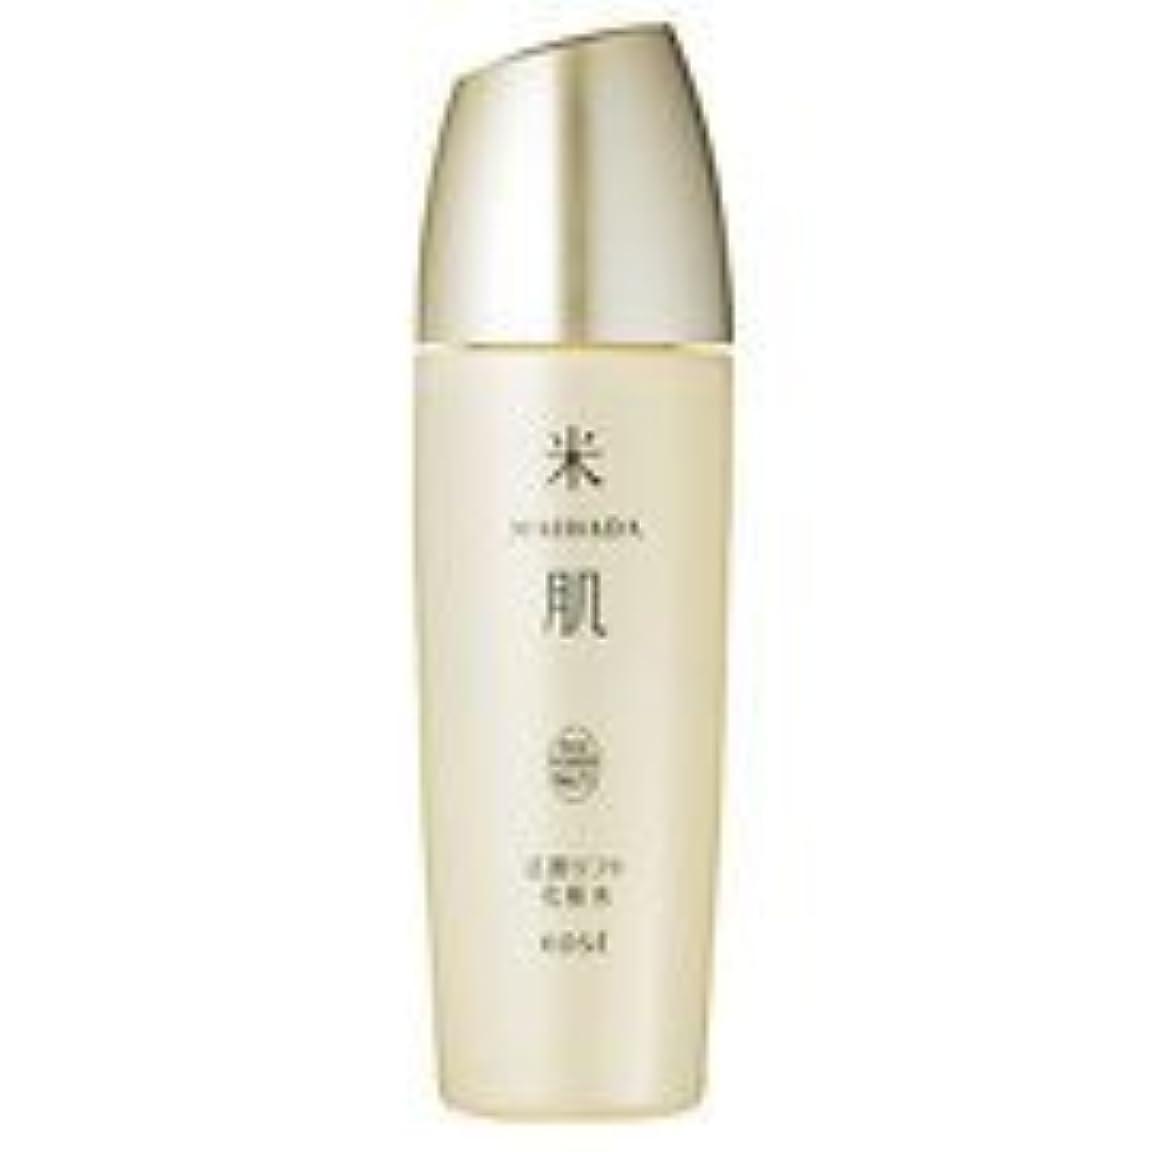 技術的なキャラバンあなたのもの米肌(MAIHADA) 活潤リフト 化粧水 120ml